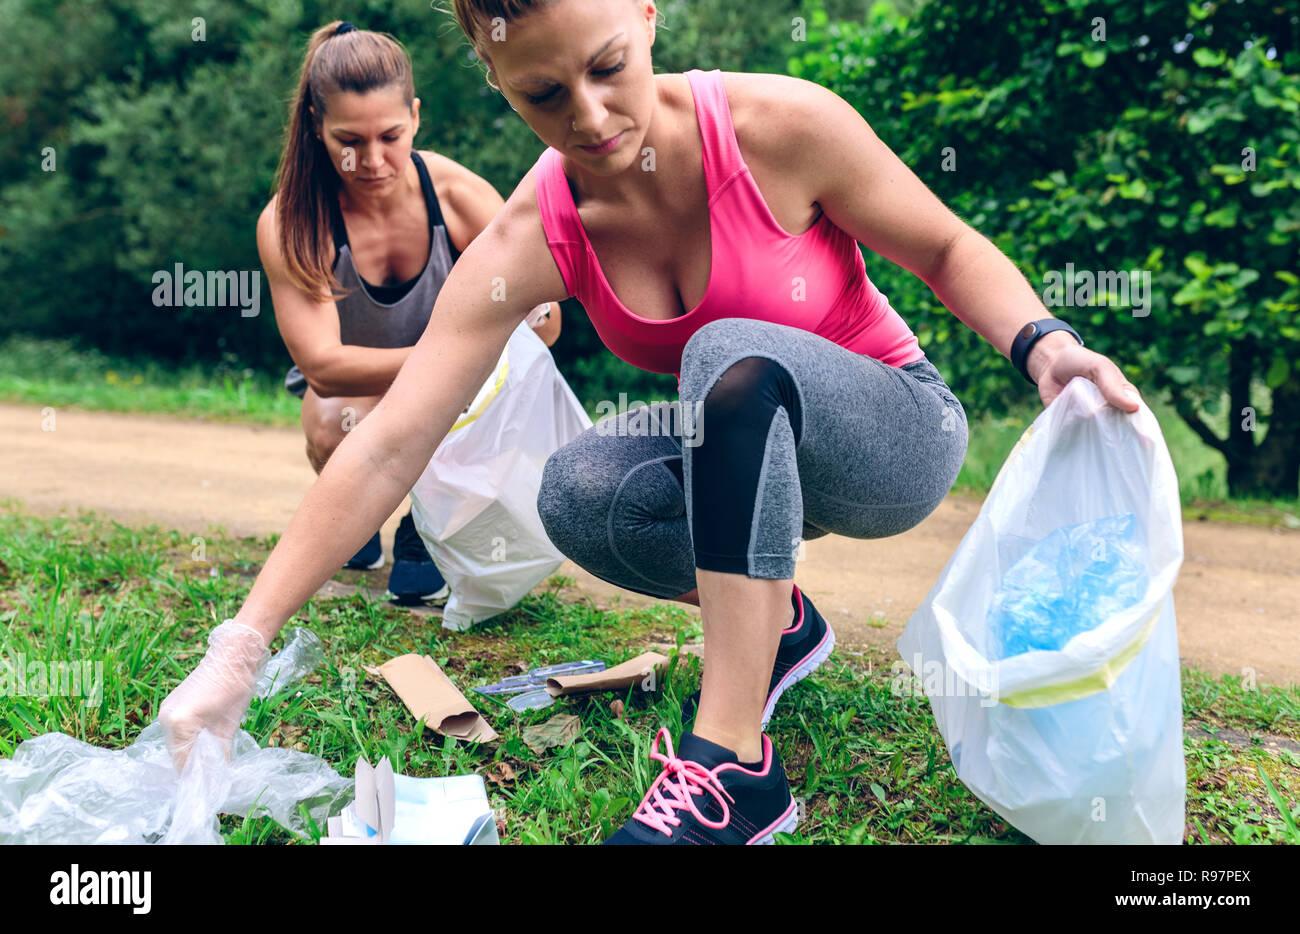 Women picking up trash doing plogging - Stock Image